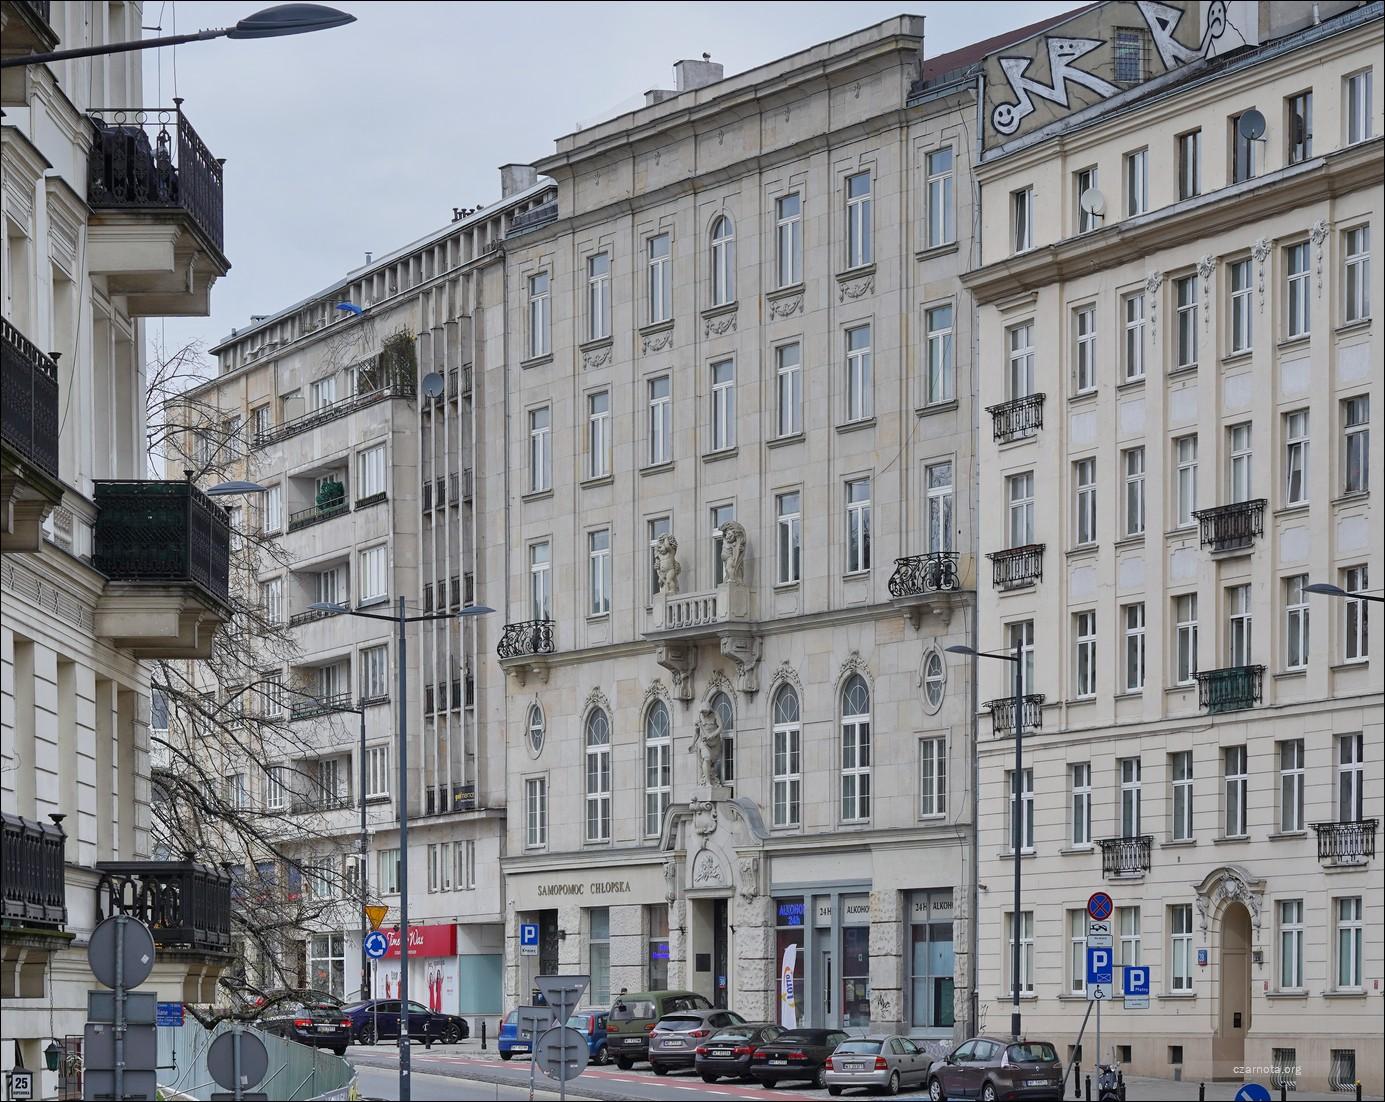 Warszawa, ul. Juliana Bartoszewicza 1, 1a, ul. Kopernika 30 w 2010 i 2021